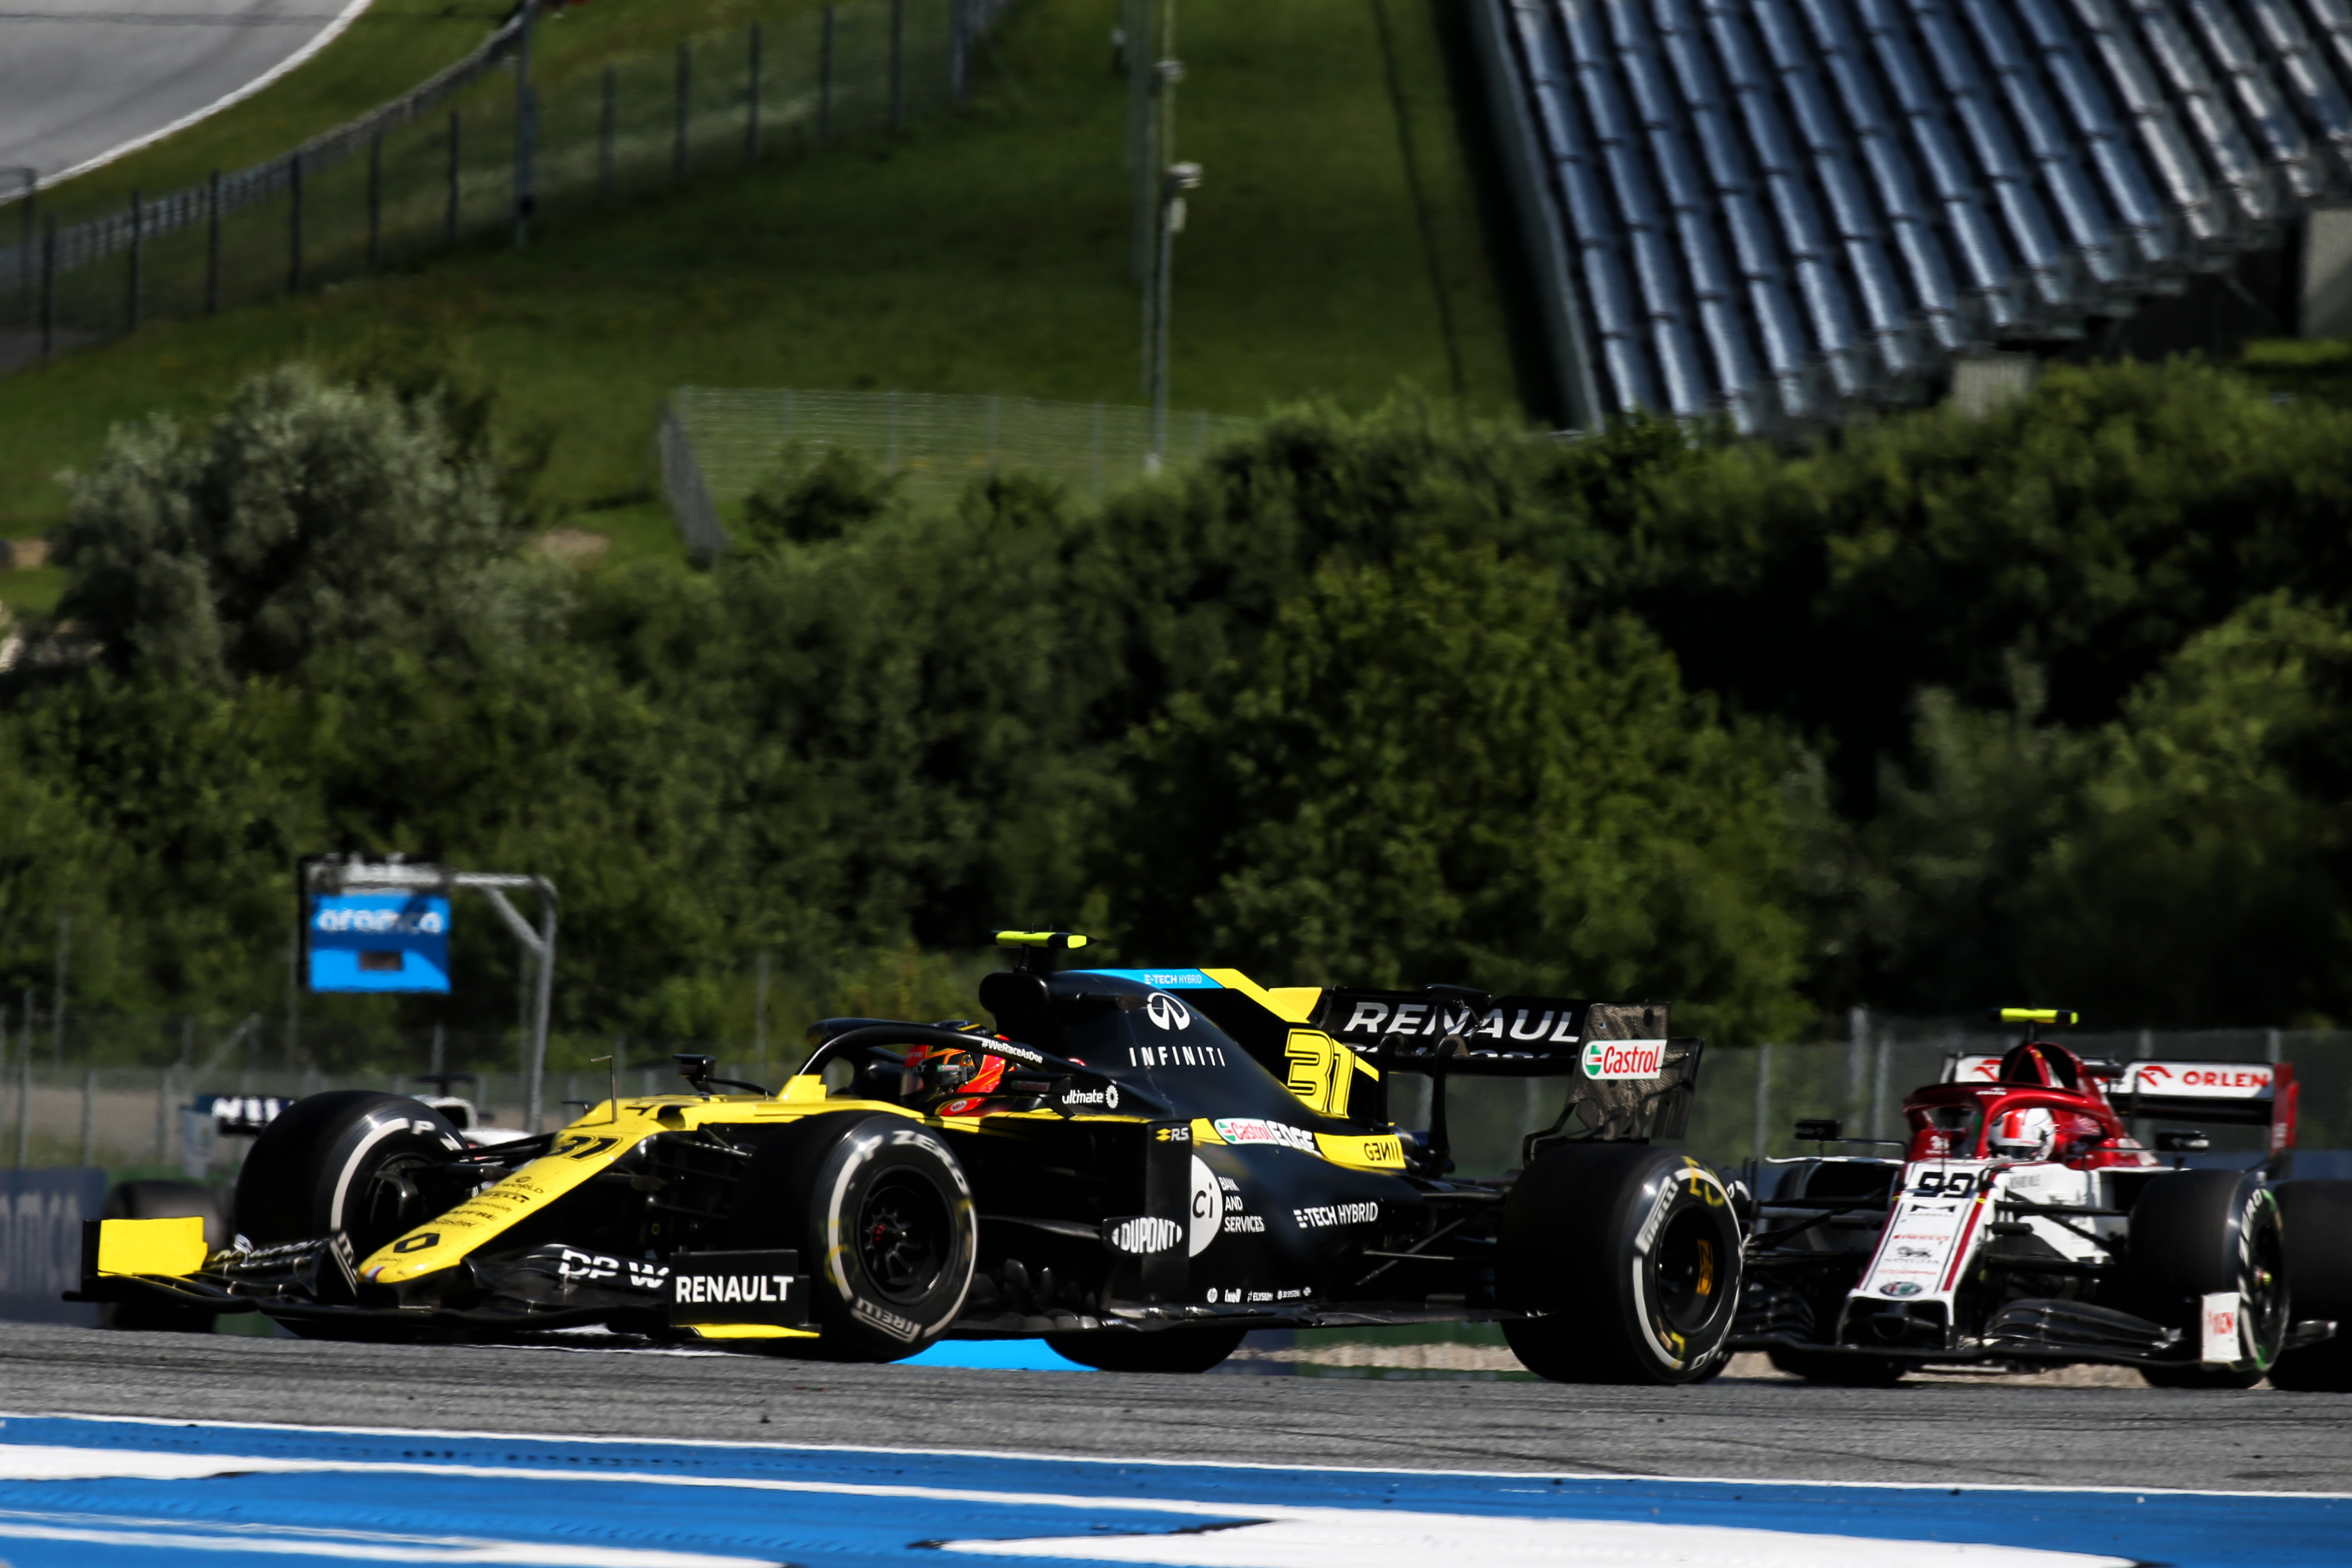 Esteban Ocon Renault Austrian Grand Prix 2020